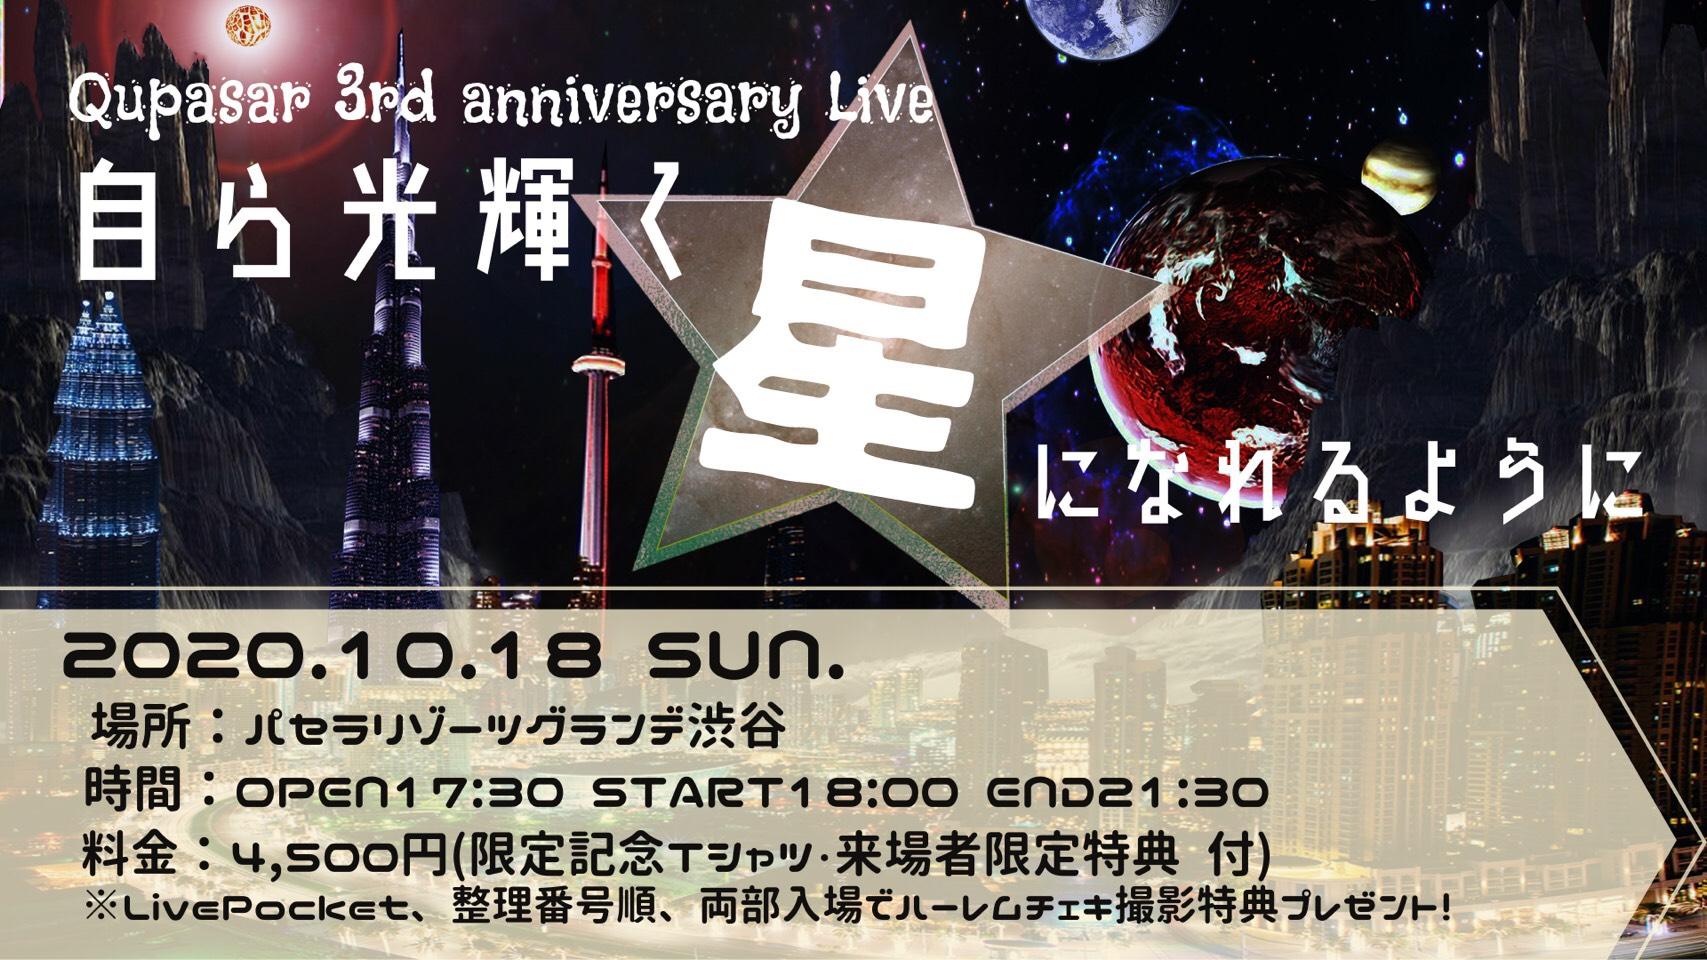 10/18(日)恒星宇宙3周年記念ワンマンライブ~自ら光り輝く星になれるように~